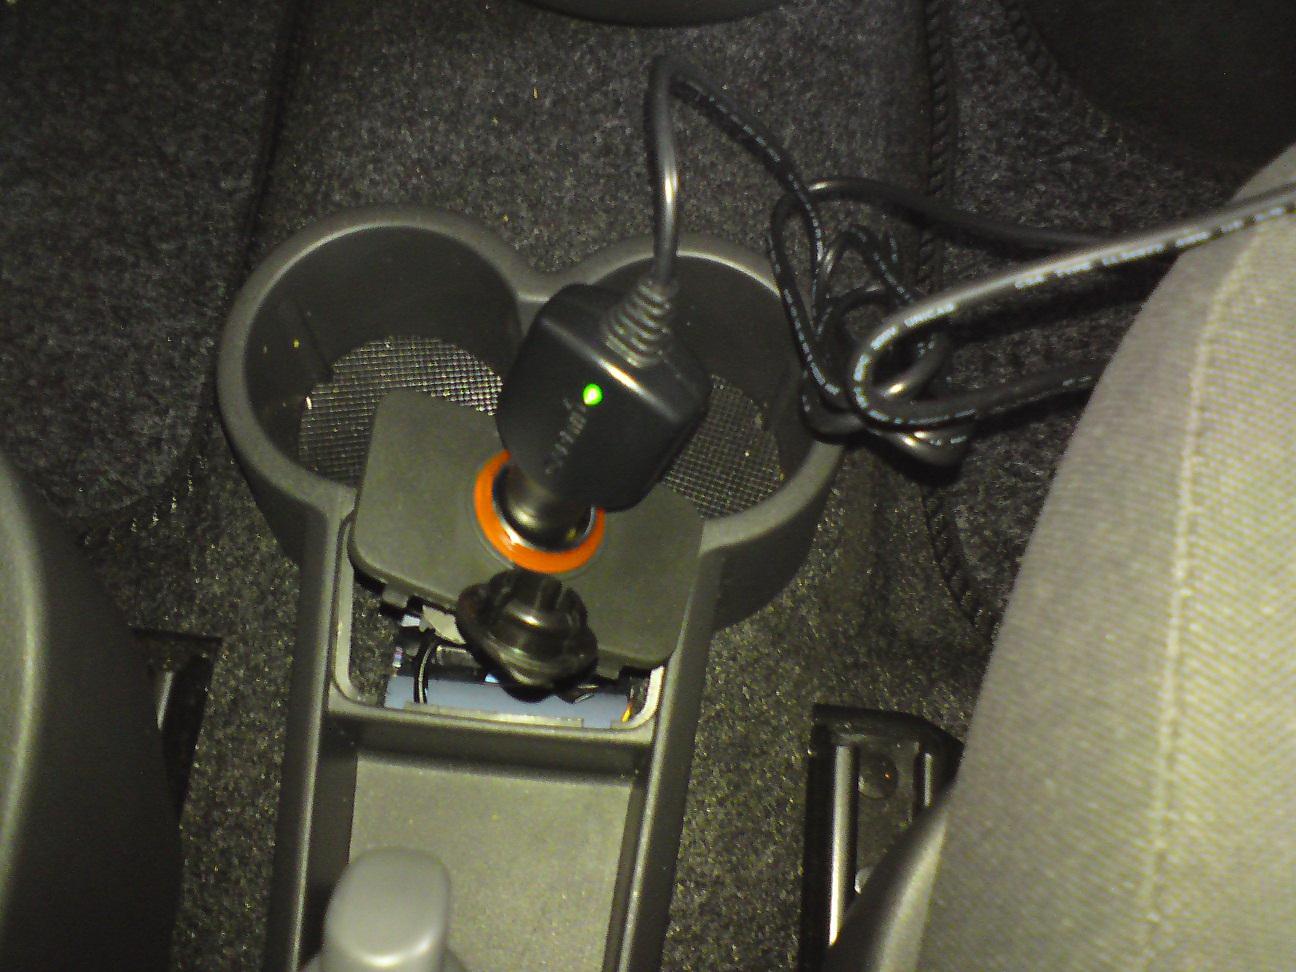 Car Heater That Plug In Cigarette Lighter Facias 12v Socket Wiring Diagram Fiat Panda Illustration